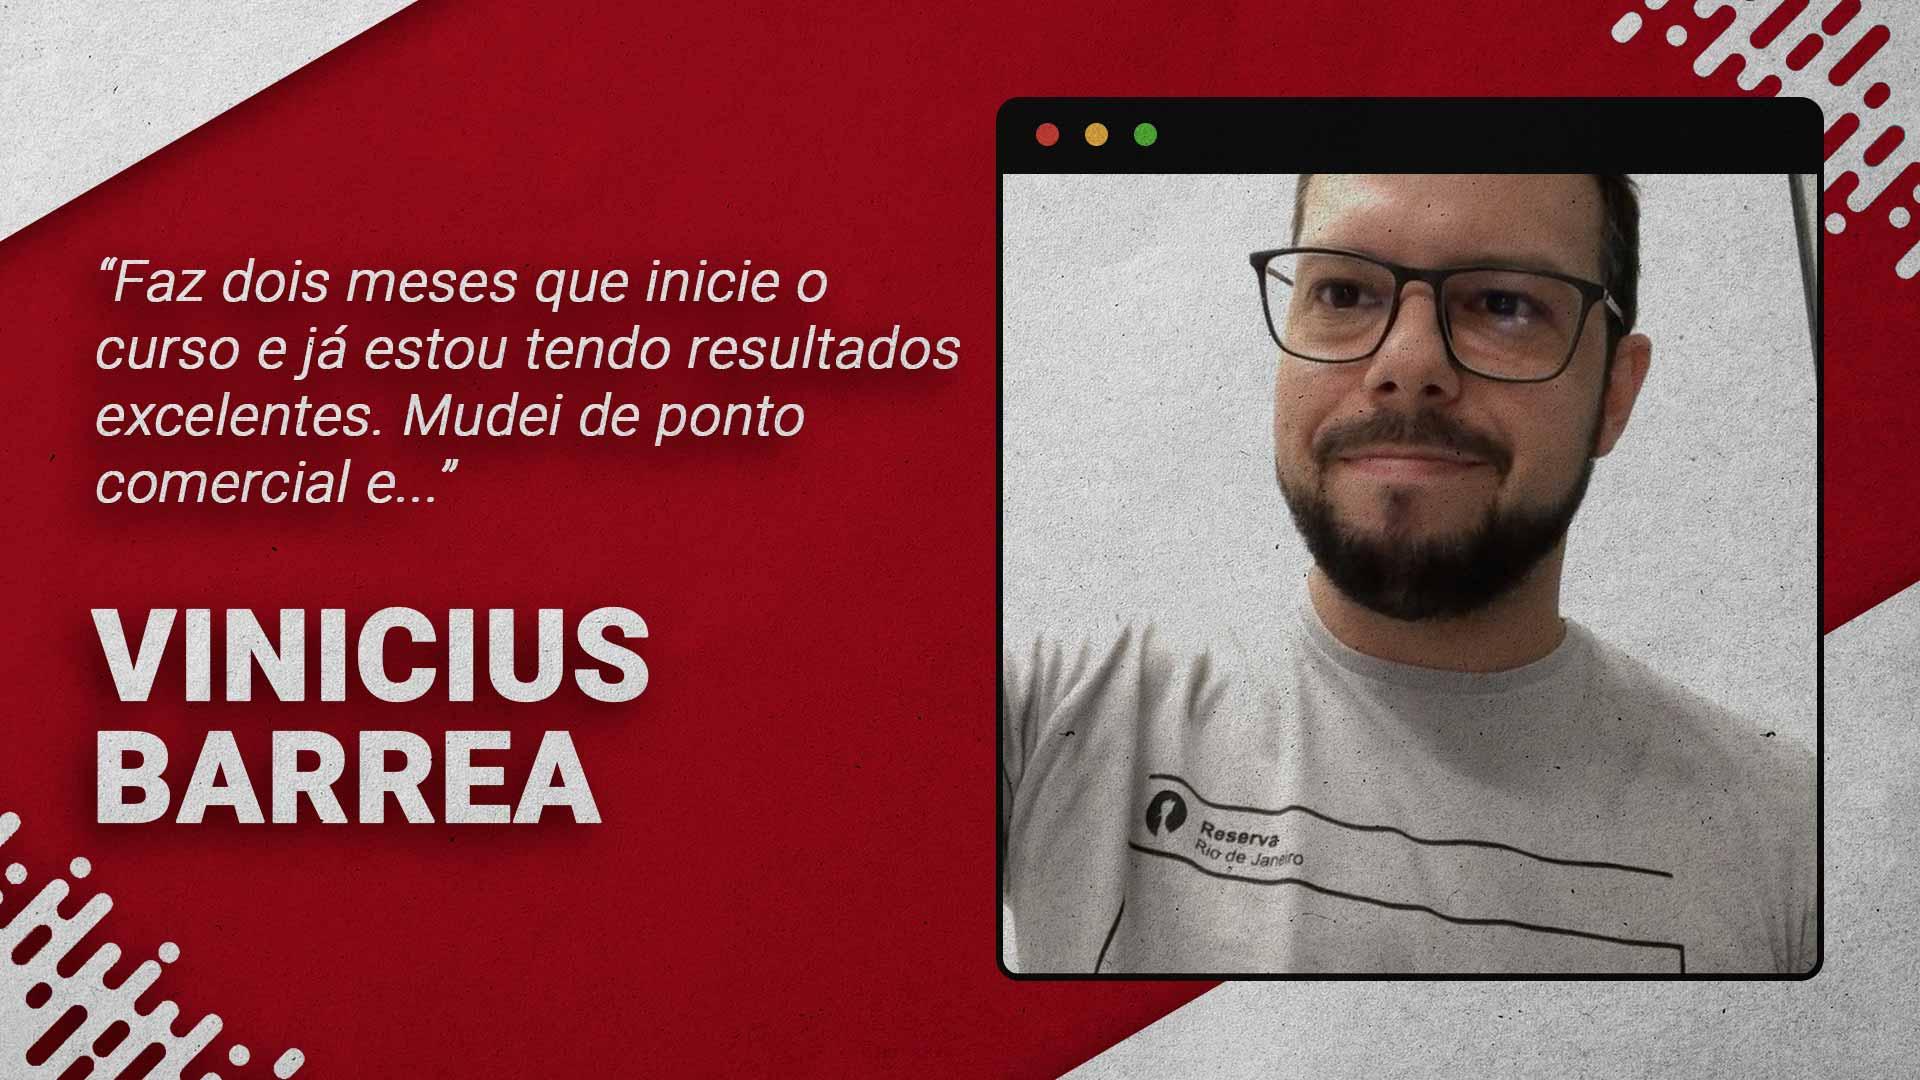 Vinicius Barrea